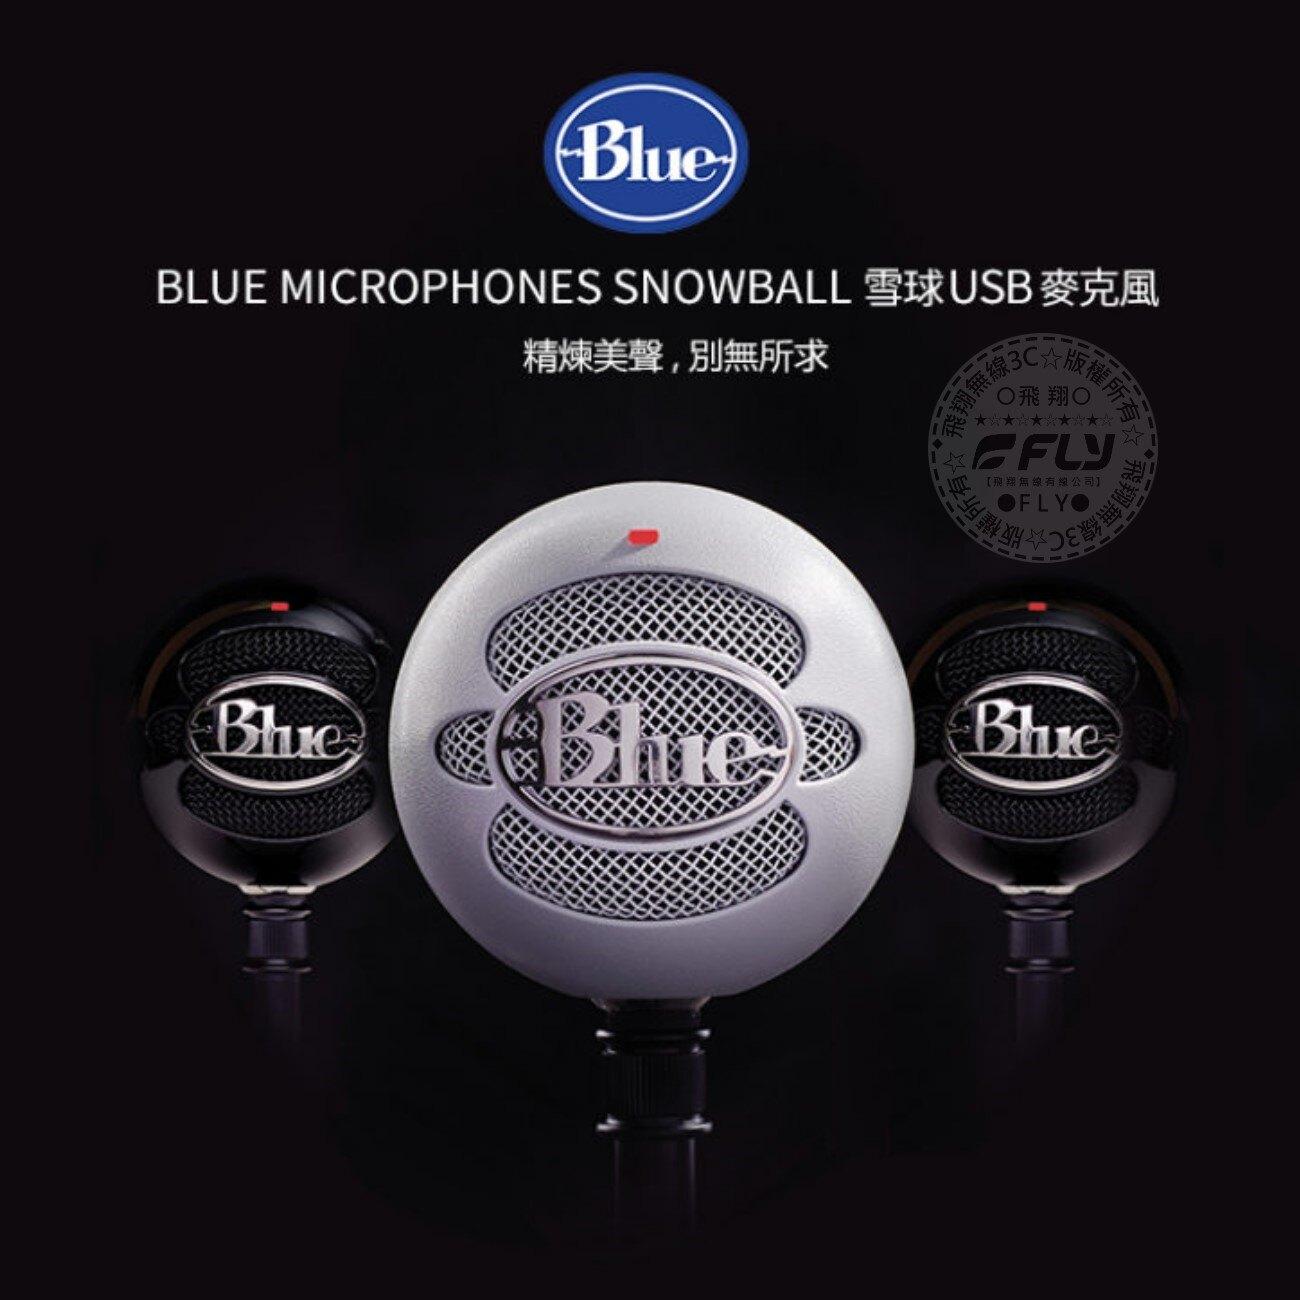 《飛翔無線3C》Blue Snowball 雪球 USB麥克風◉公司貨◉心型 全向 收音◉三腳桌面支架